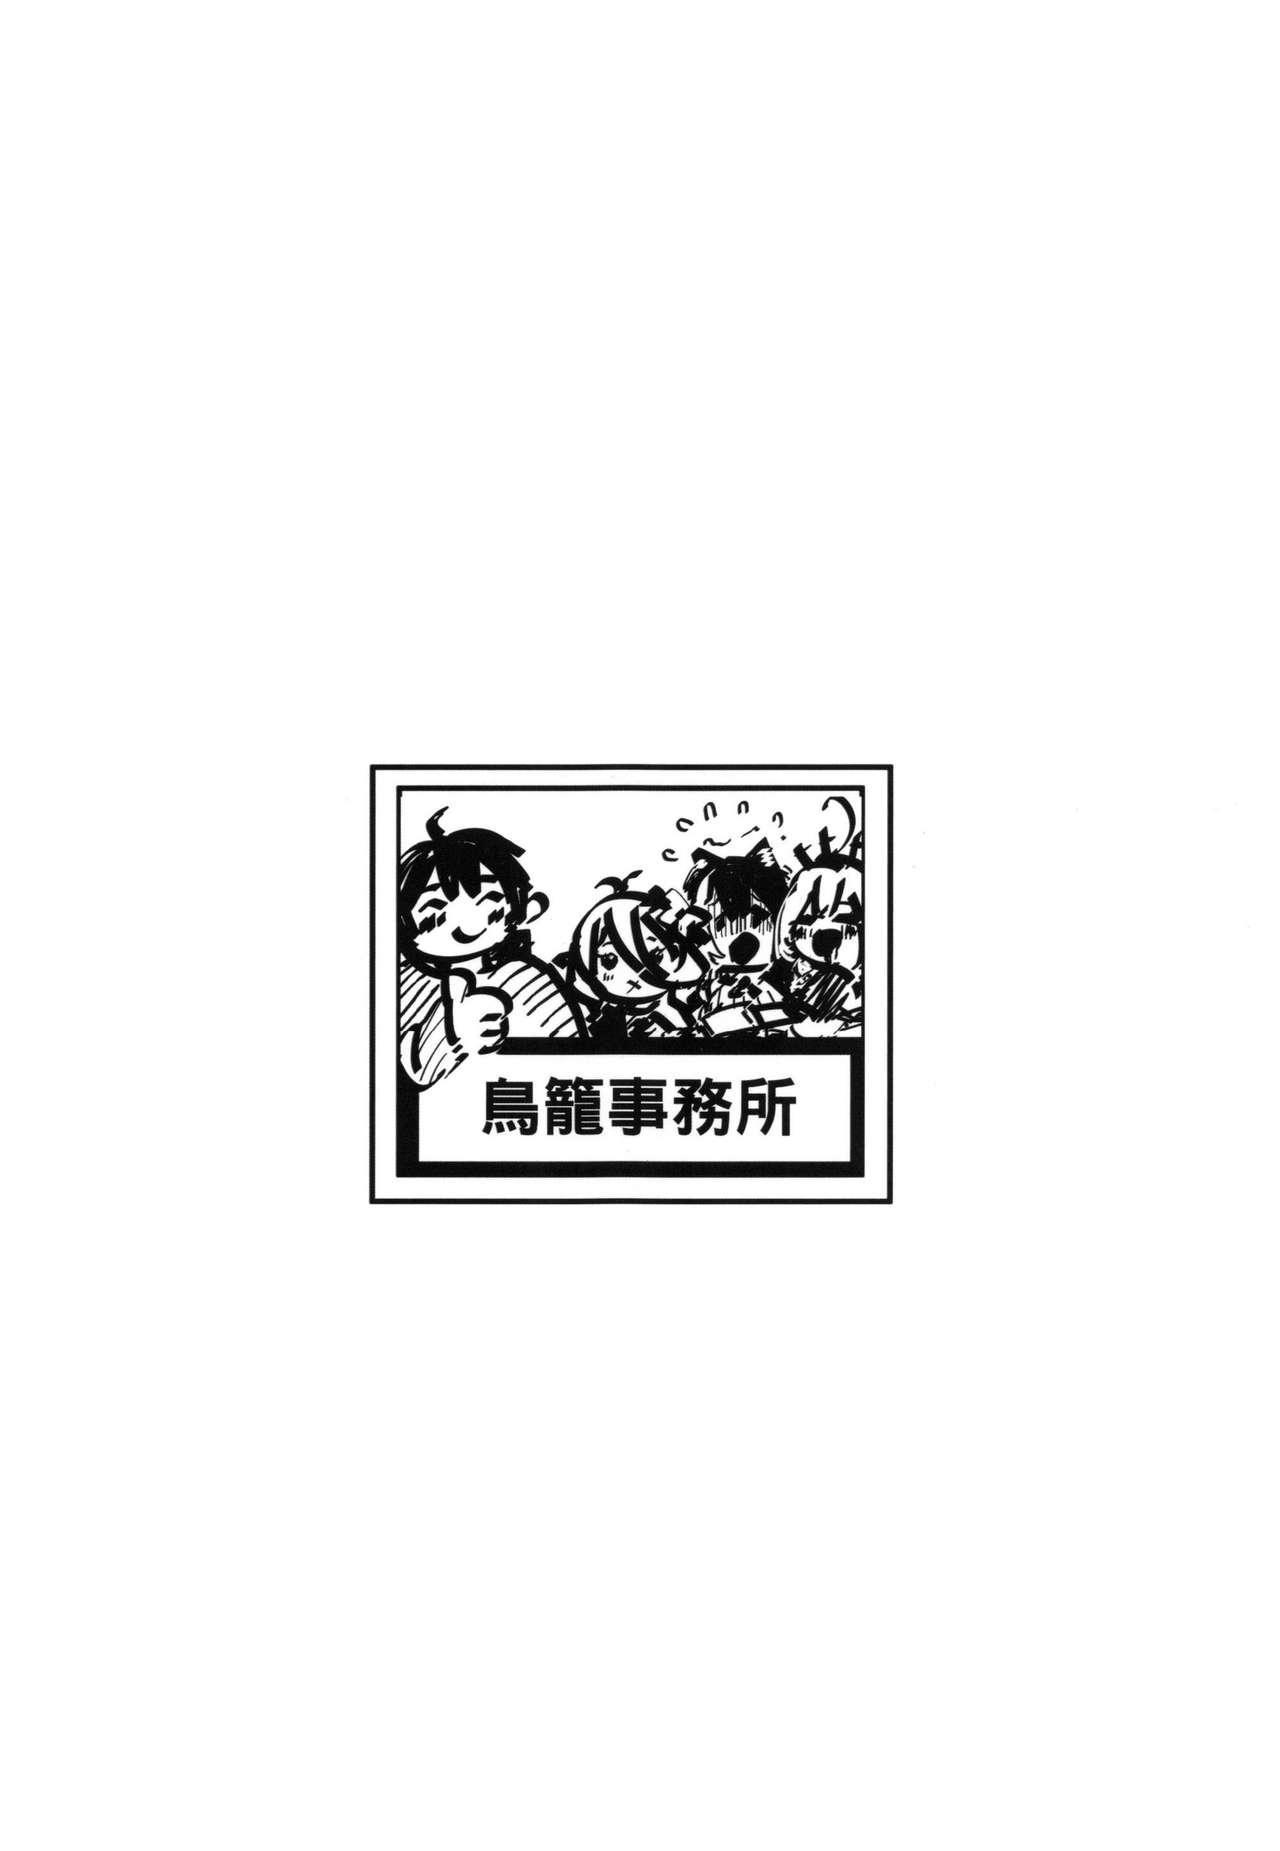 【台灣FF36】 [鳥籠事務所(013)] 小小佑樹需要媽媽的管理 (Princess Connect! Re:Dive) [Chinese] [切嚕系女子個人搬運] [Decensored] 26